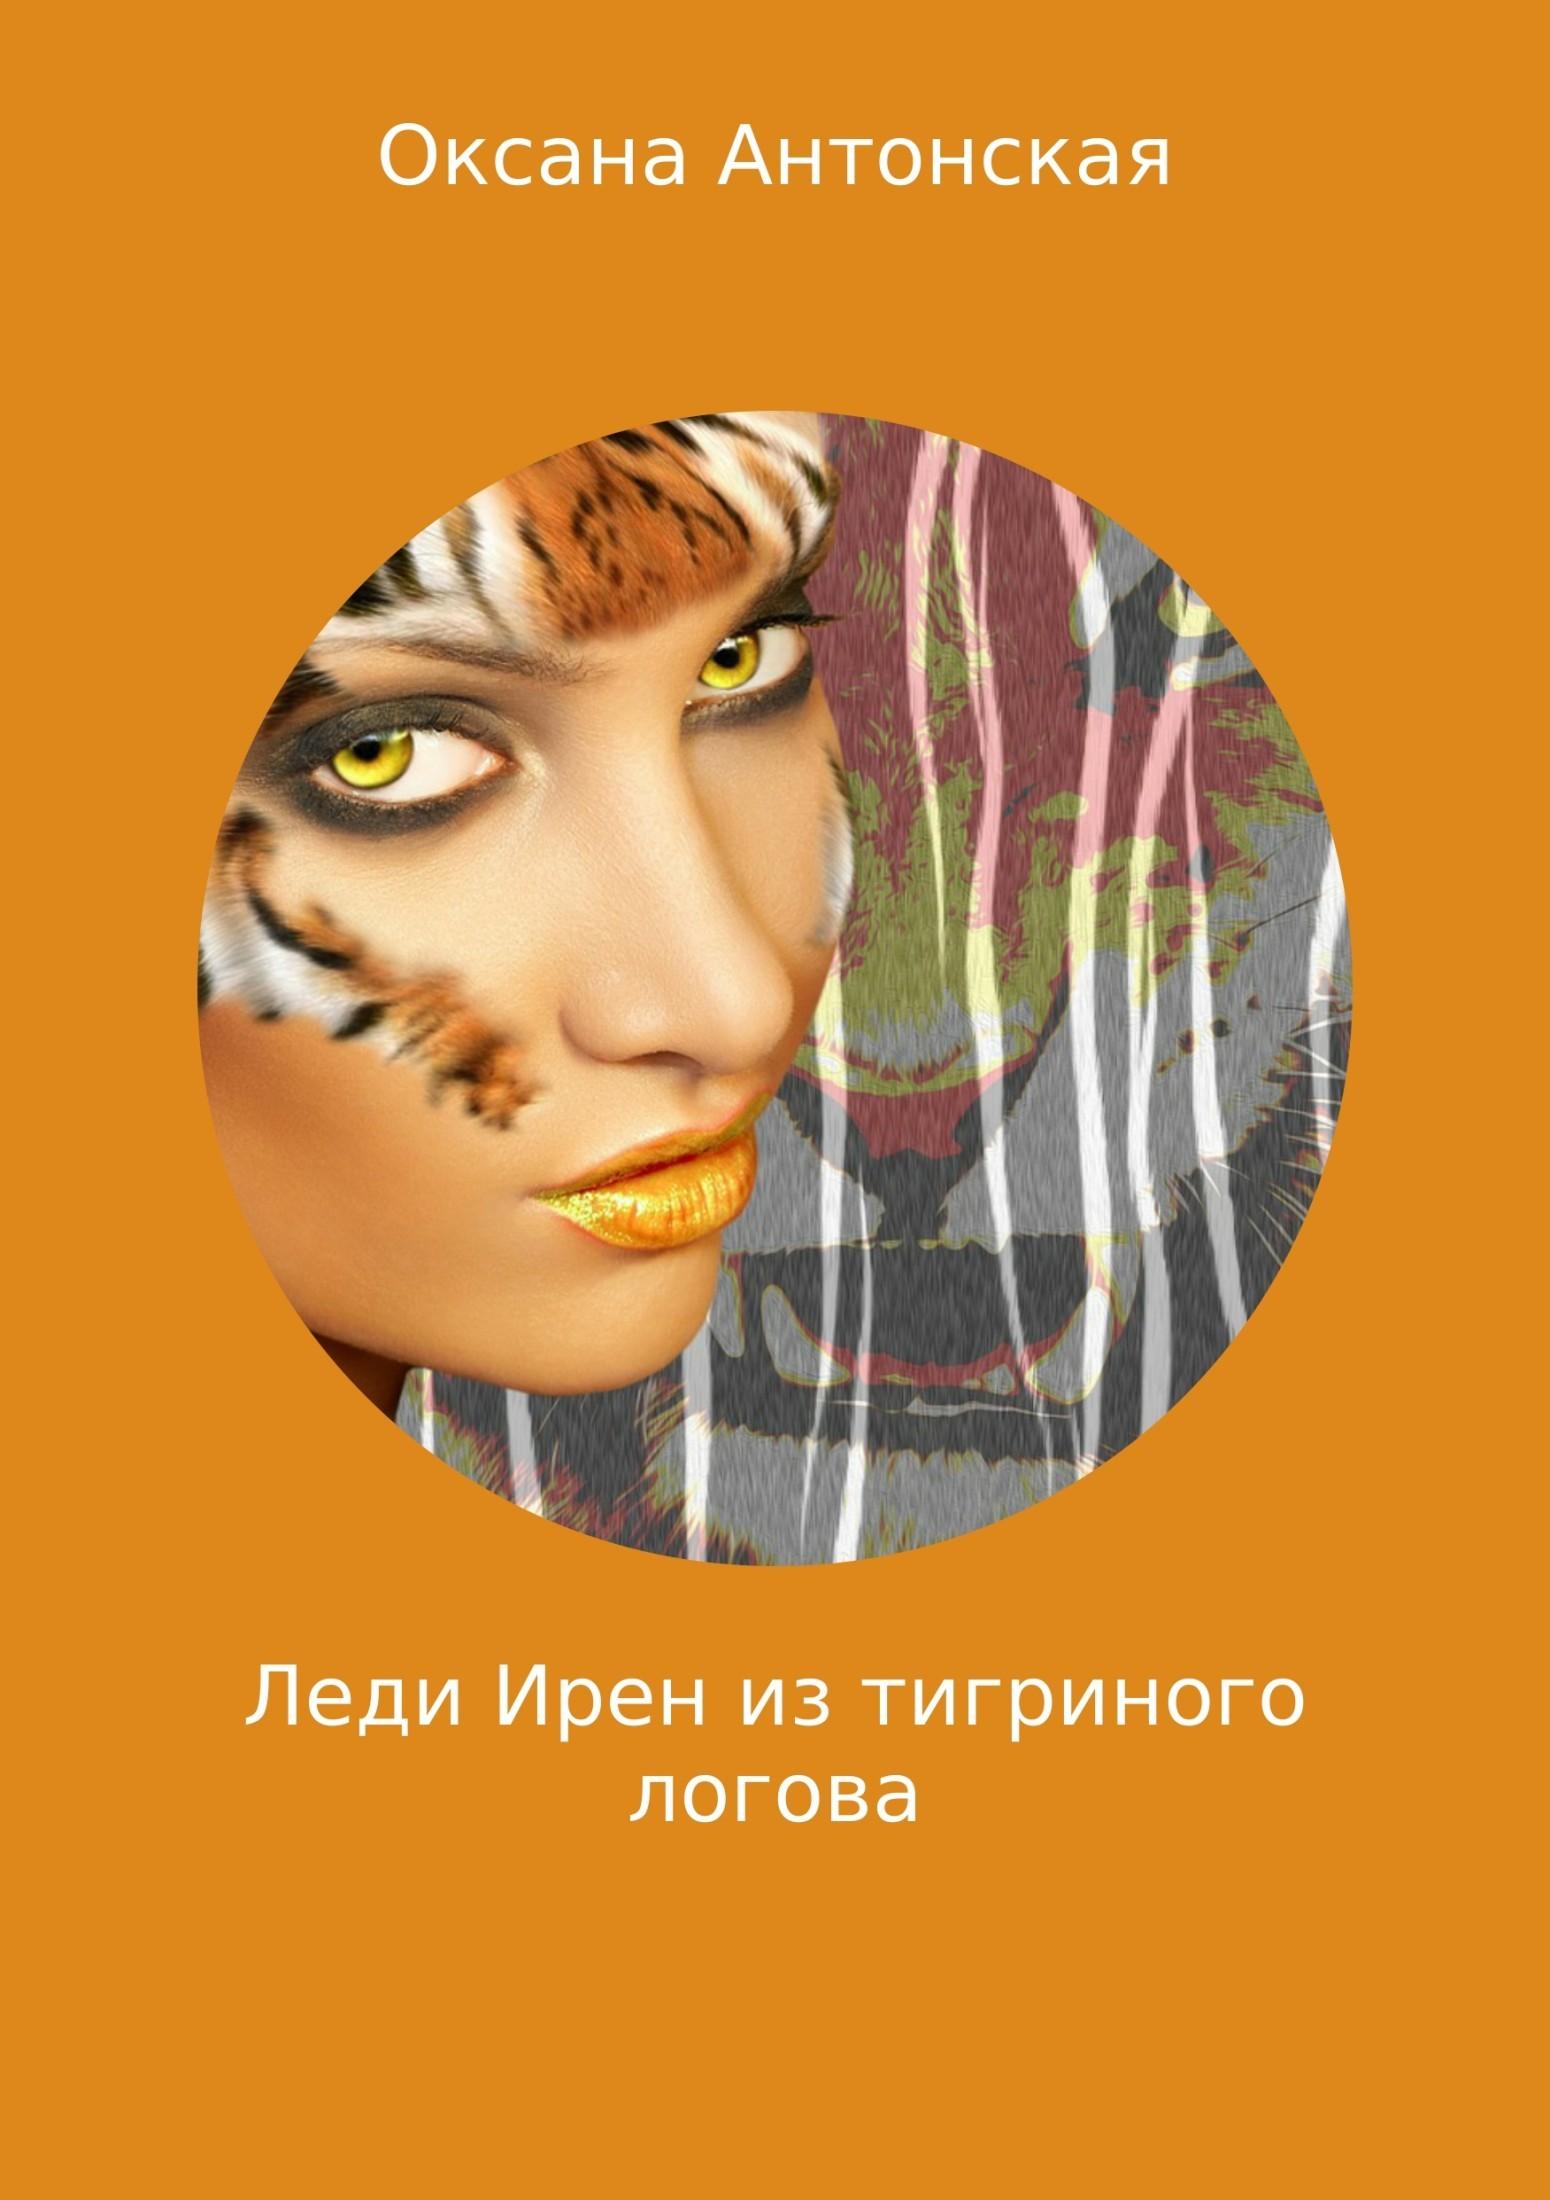 Оксана Антонская бесплатно